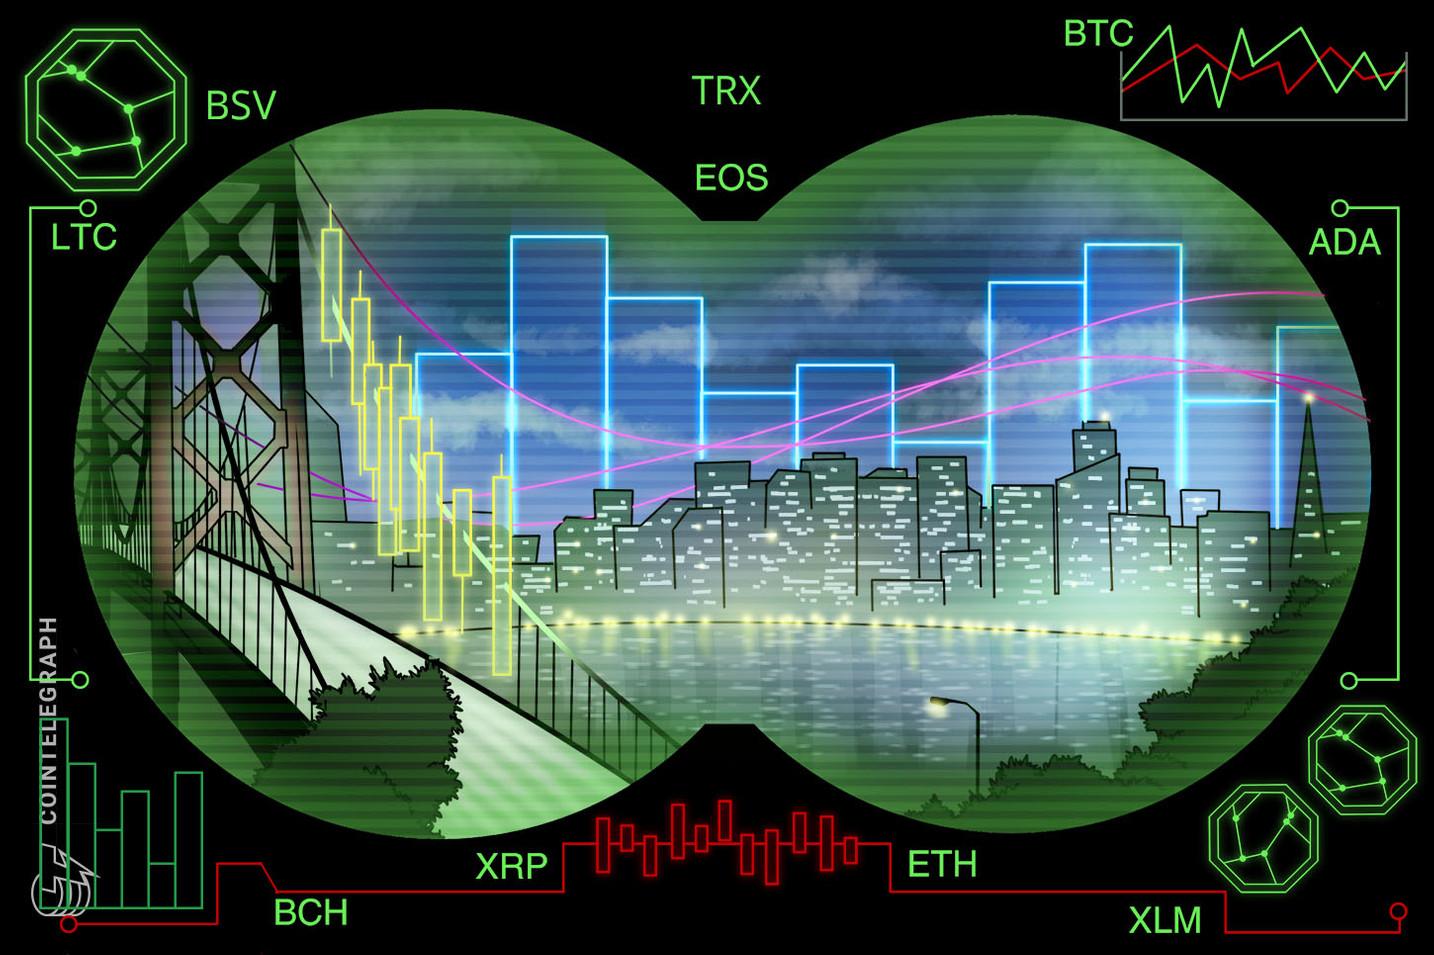 ビットコインは5500ドル試す可能性も 主要仮想通貨のテクニカル分析